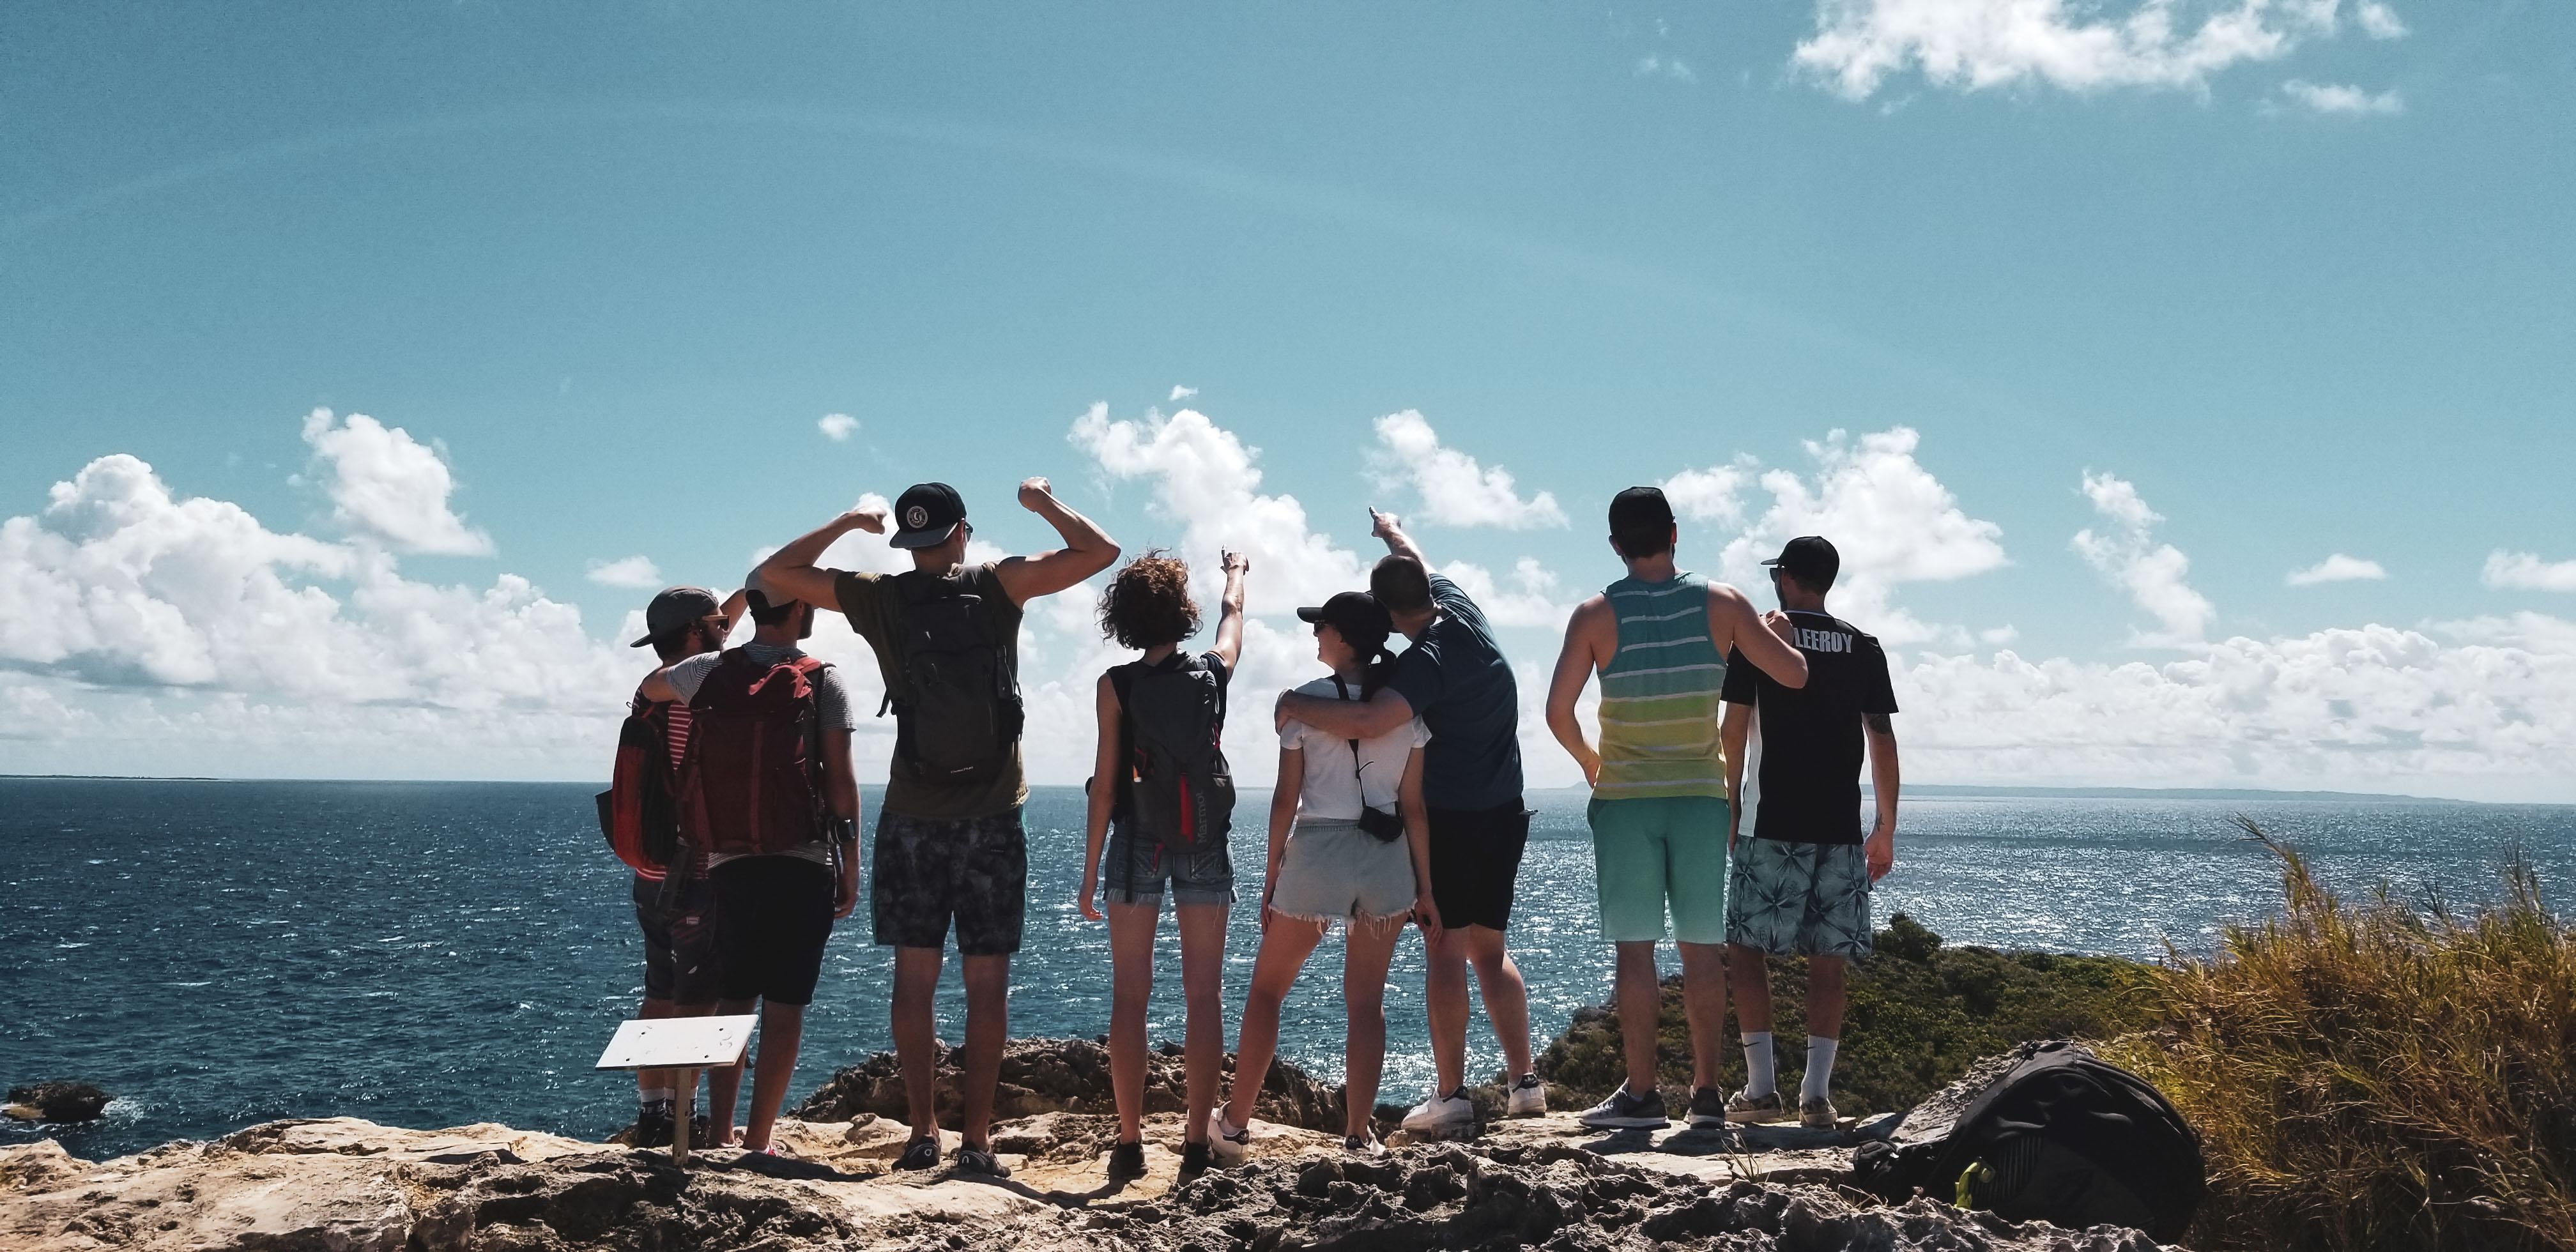 Les amis sur la péninsule de la Pointe des Chateaux, Guadeloupe